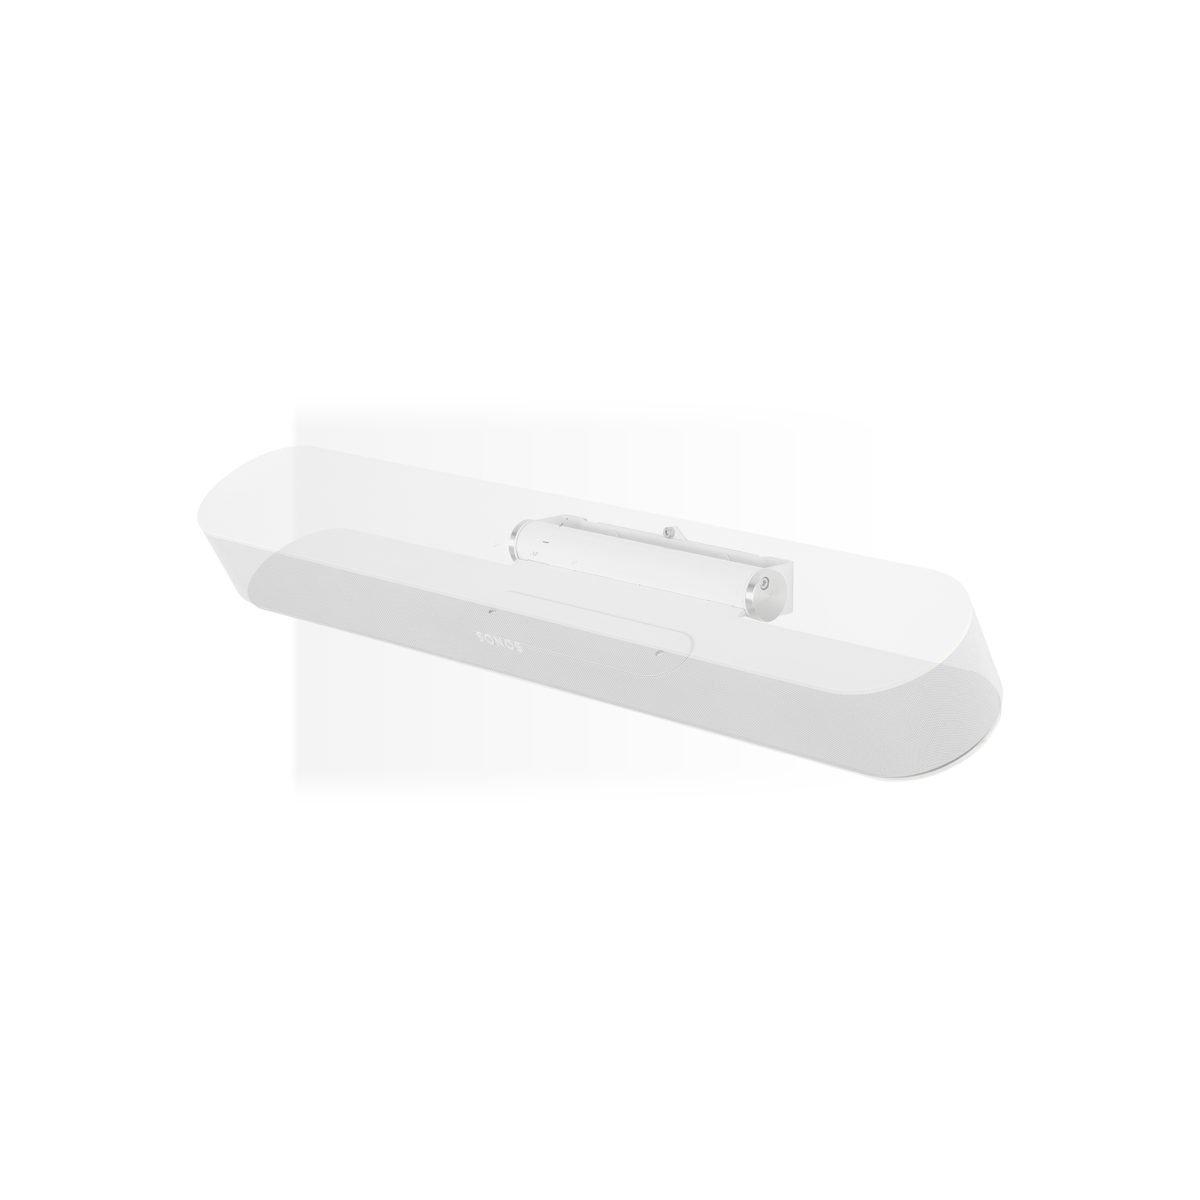 Sonos Beam verstelbare muurbeugel wit 17